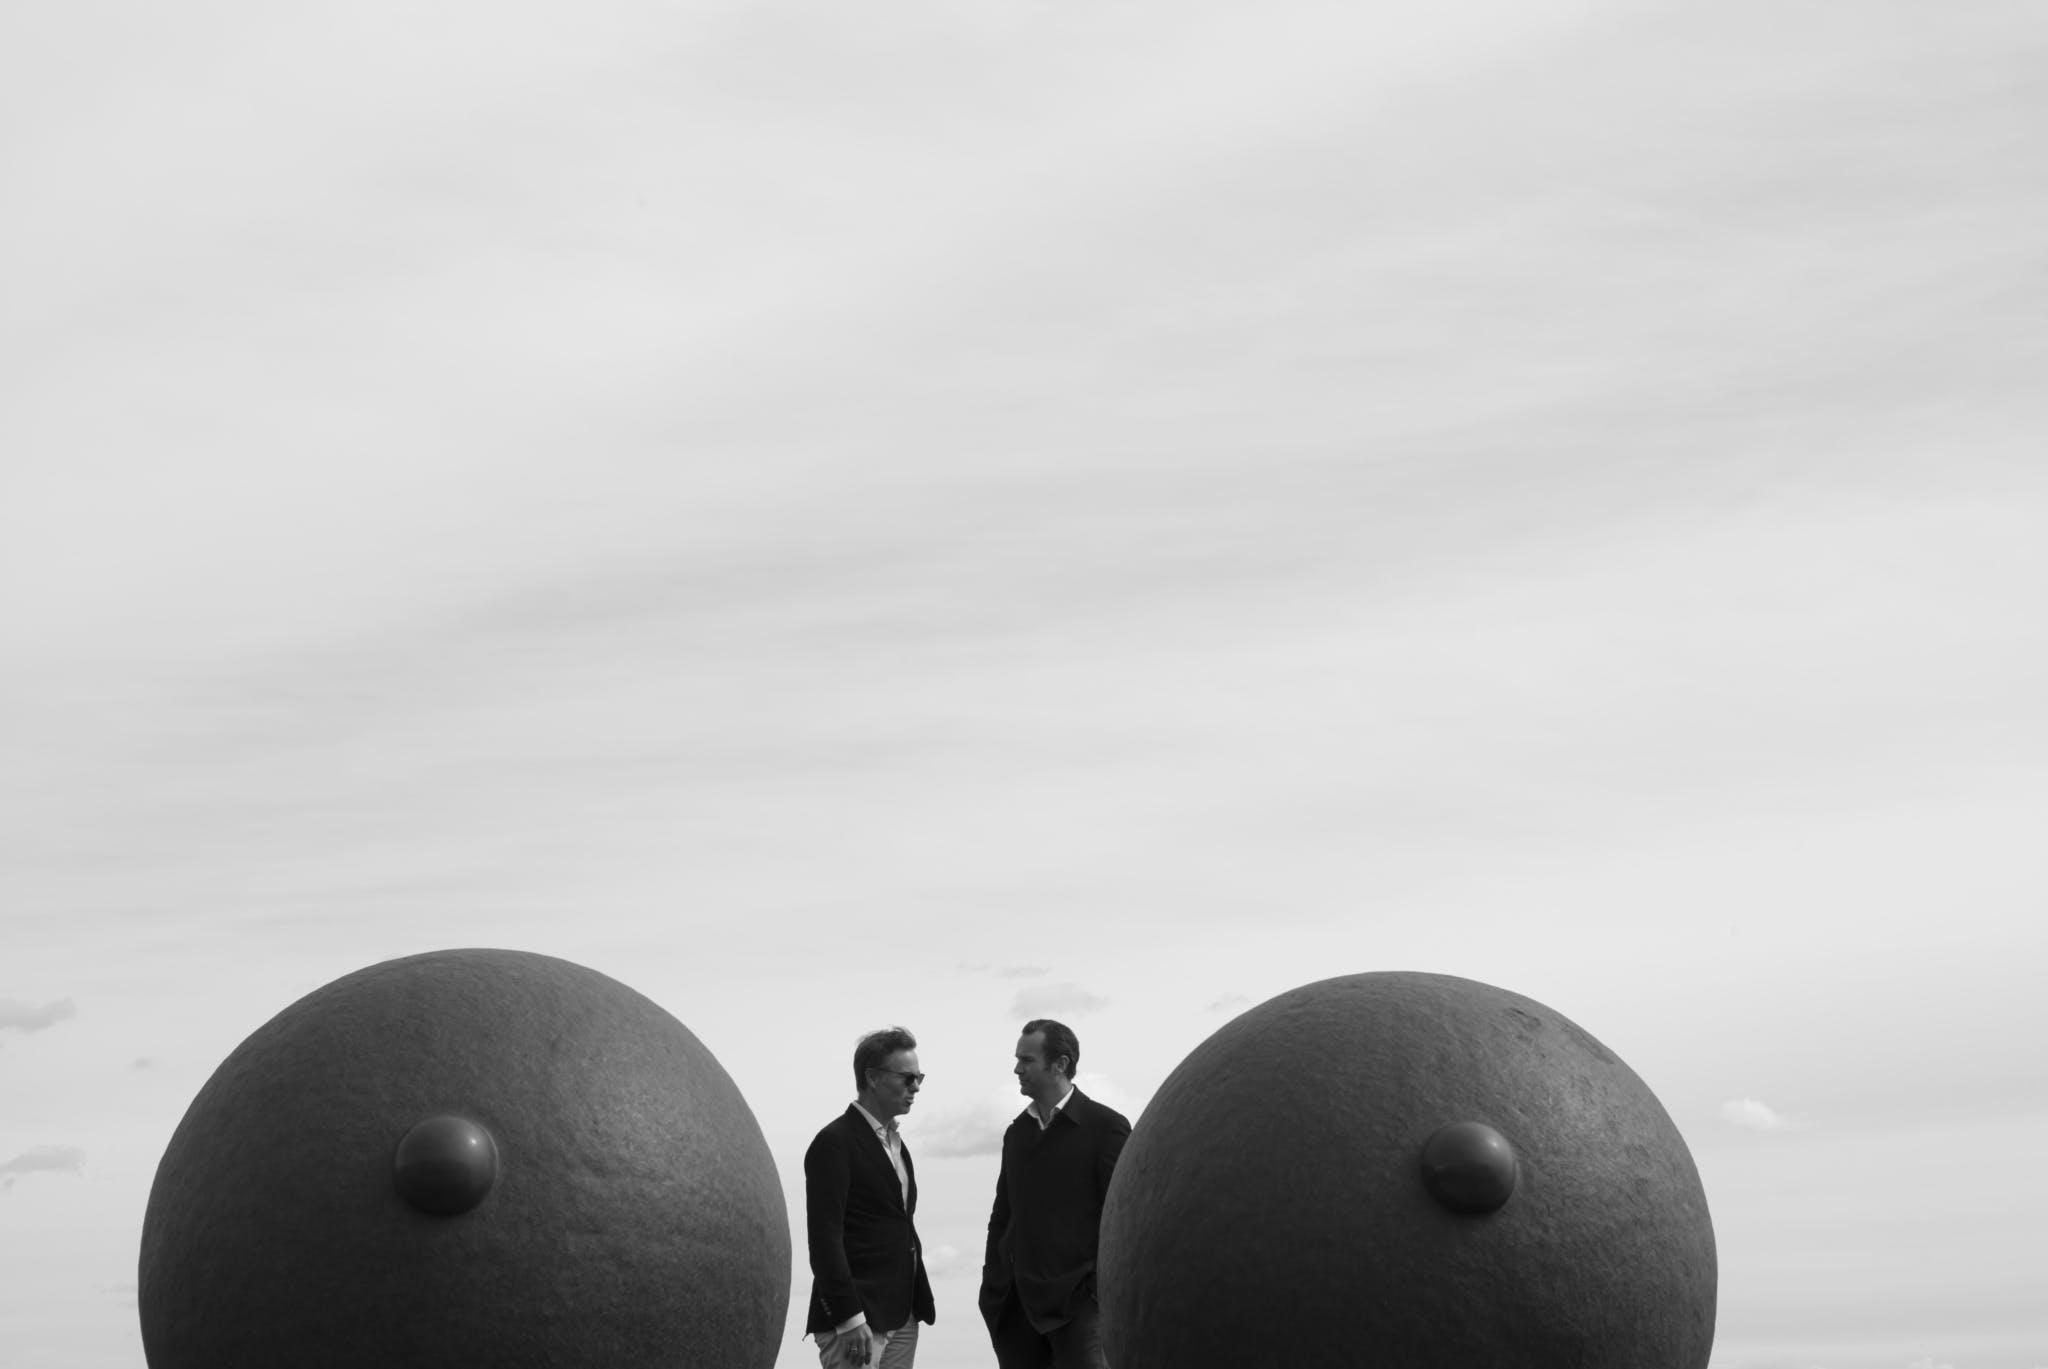 Frederik og Olav Selvaag fotografert ved Skulpturen Eyes